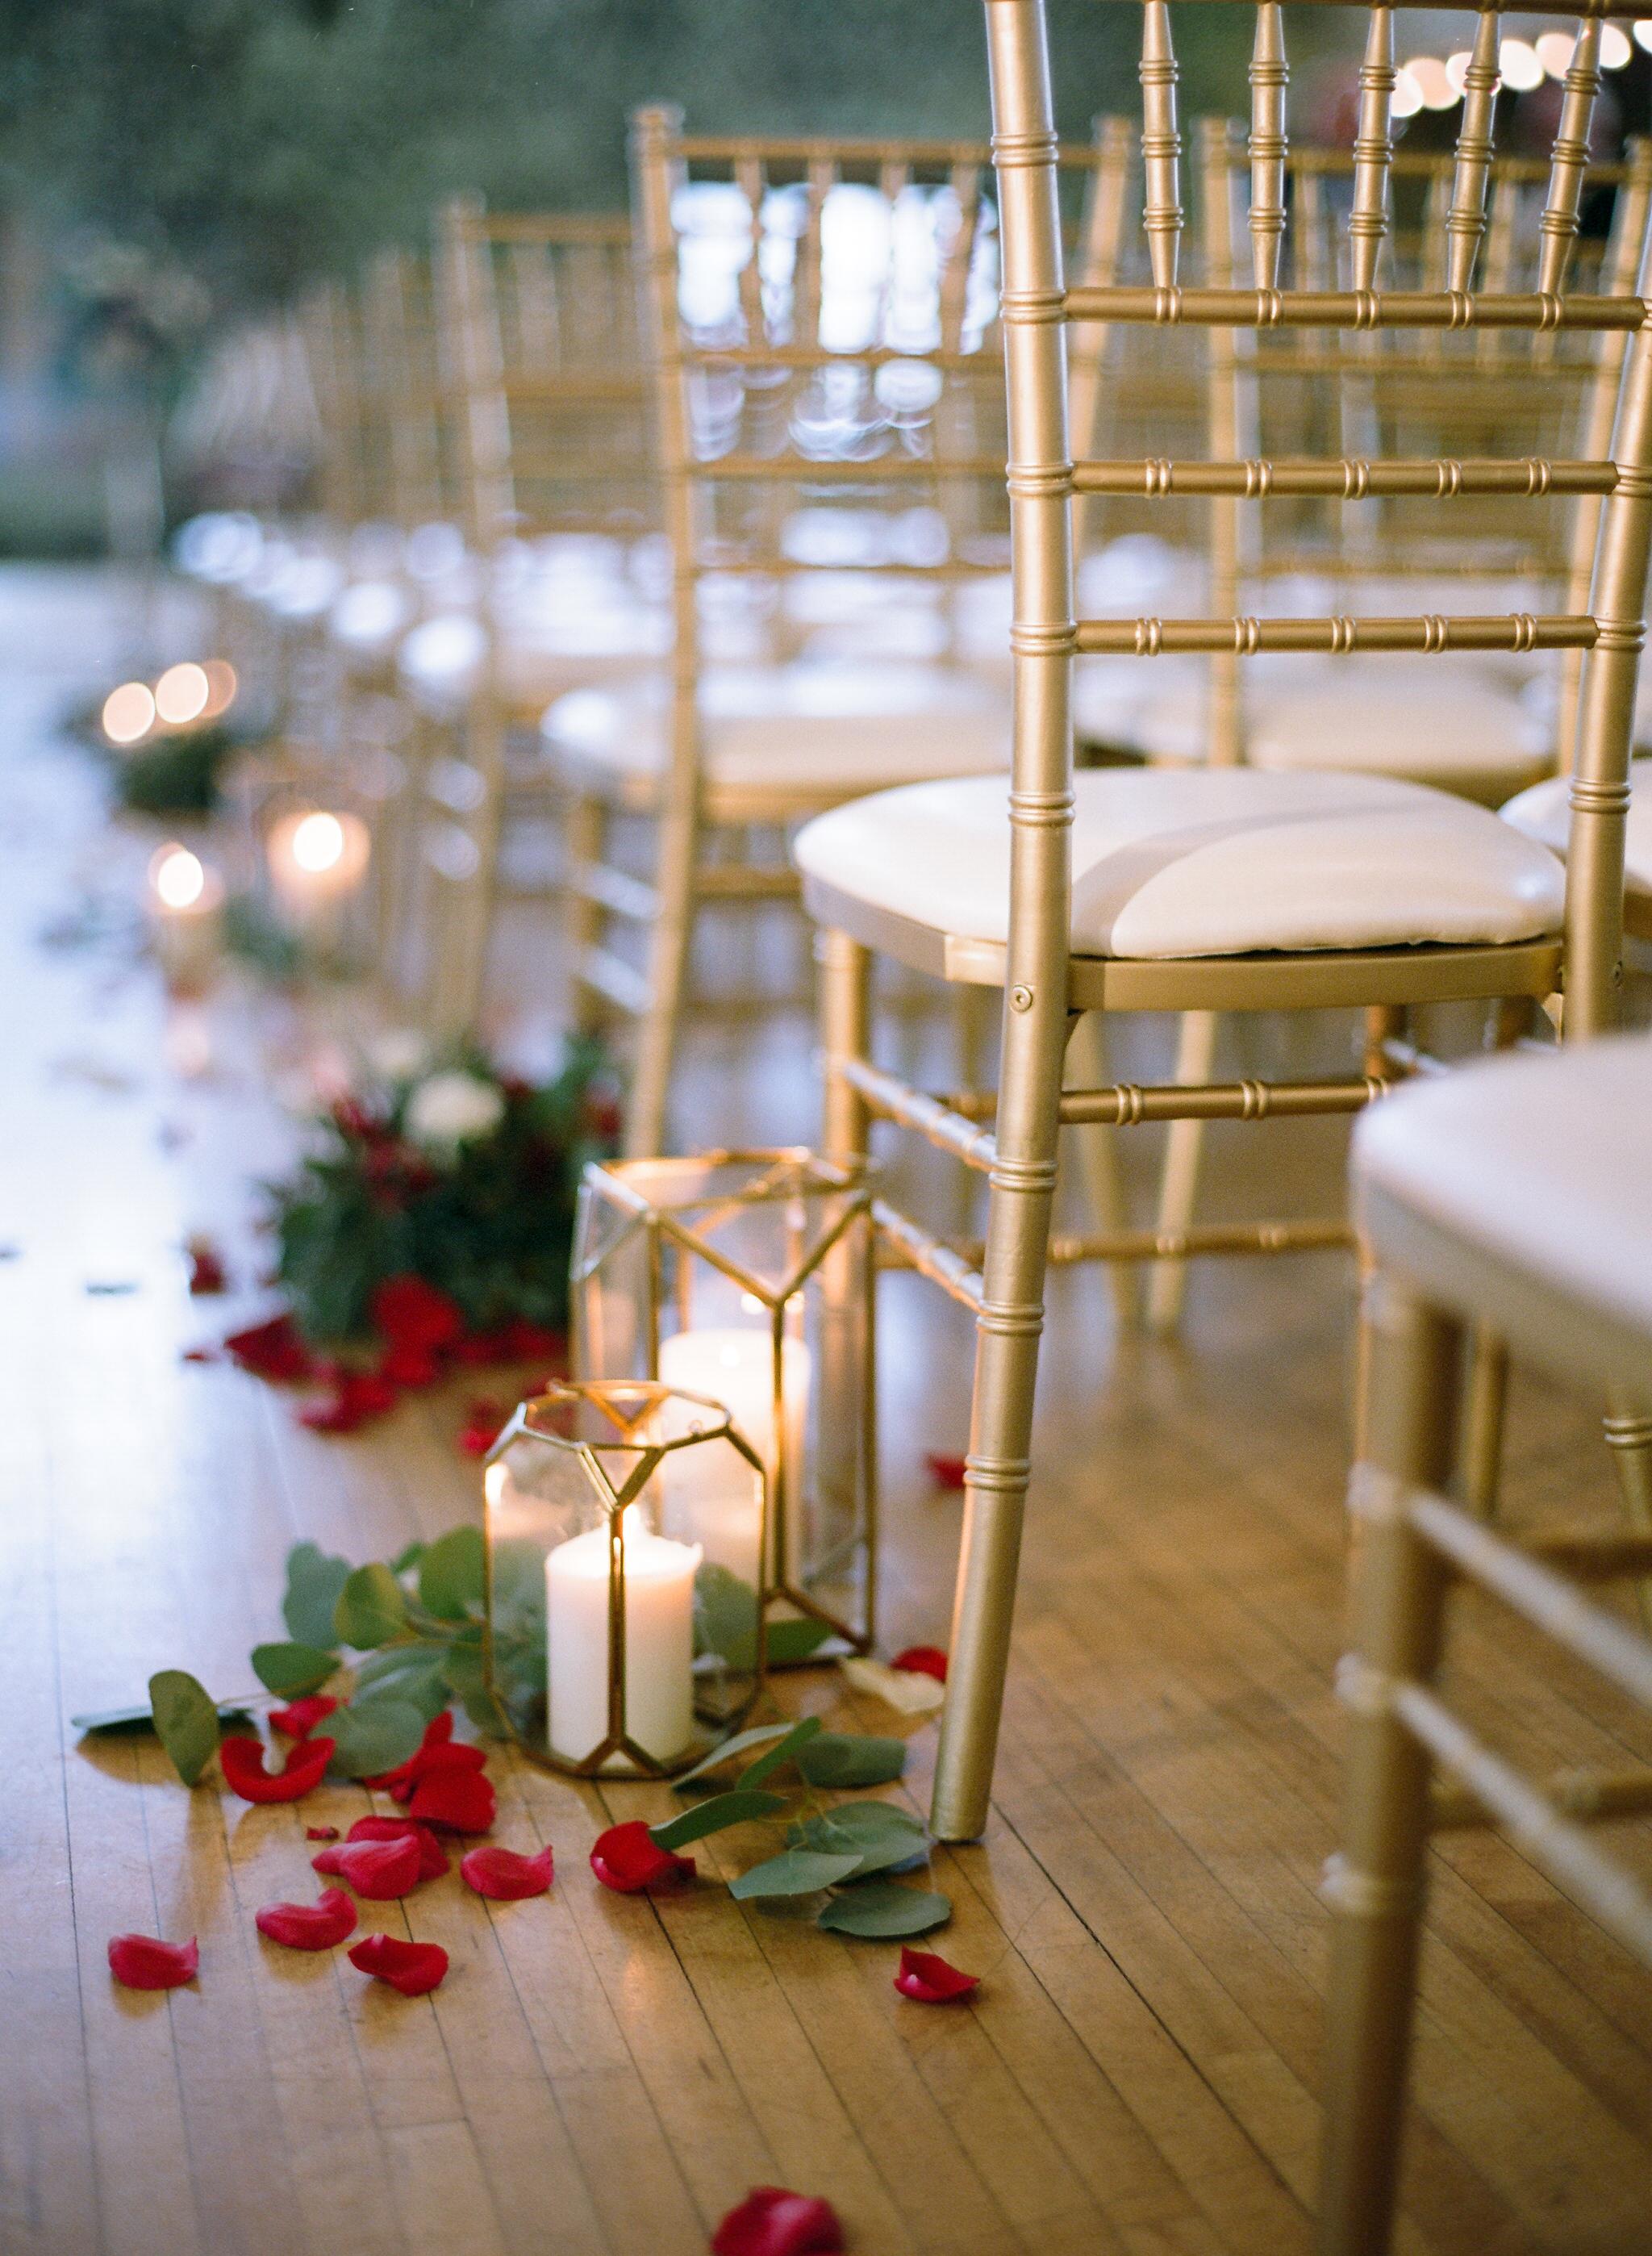 503-rothschild-pavilion-winter-wedding.jpg